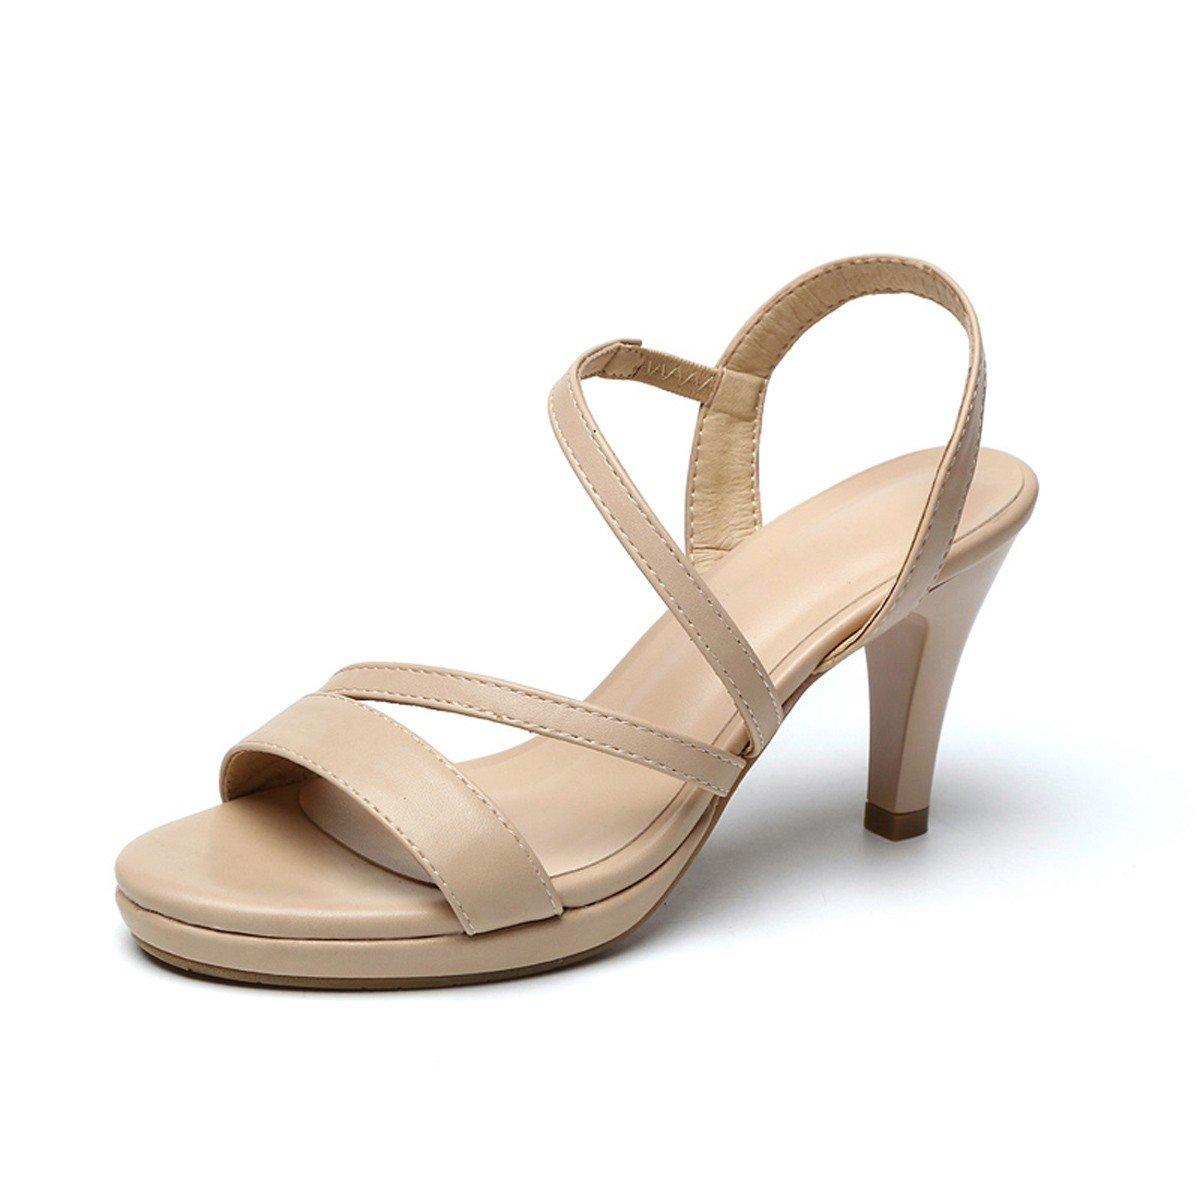 HBDLH-Damenschuhe/Sommer-Sandaleen Schlank-Heels und High Heels Lässig Damenschuhe